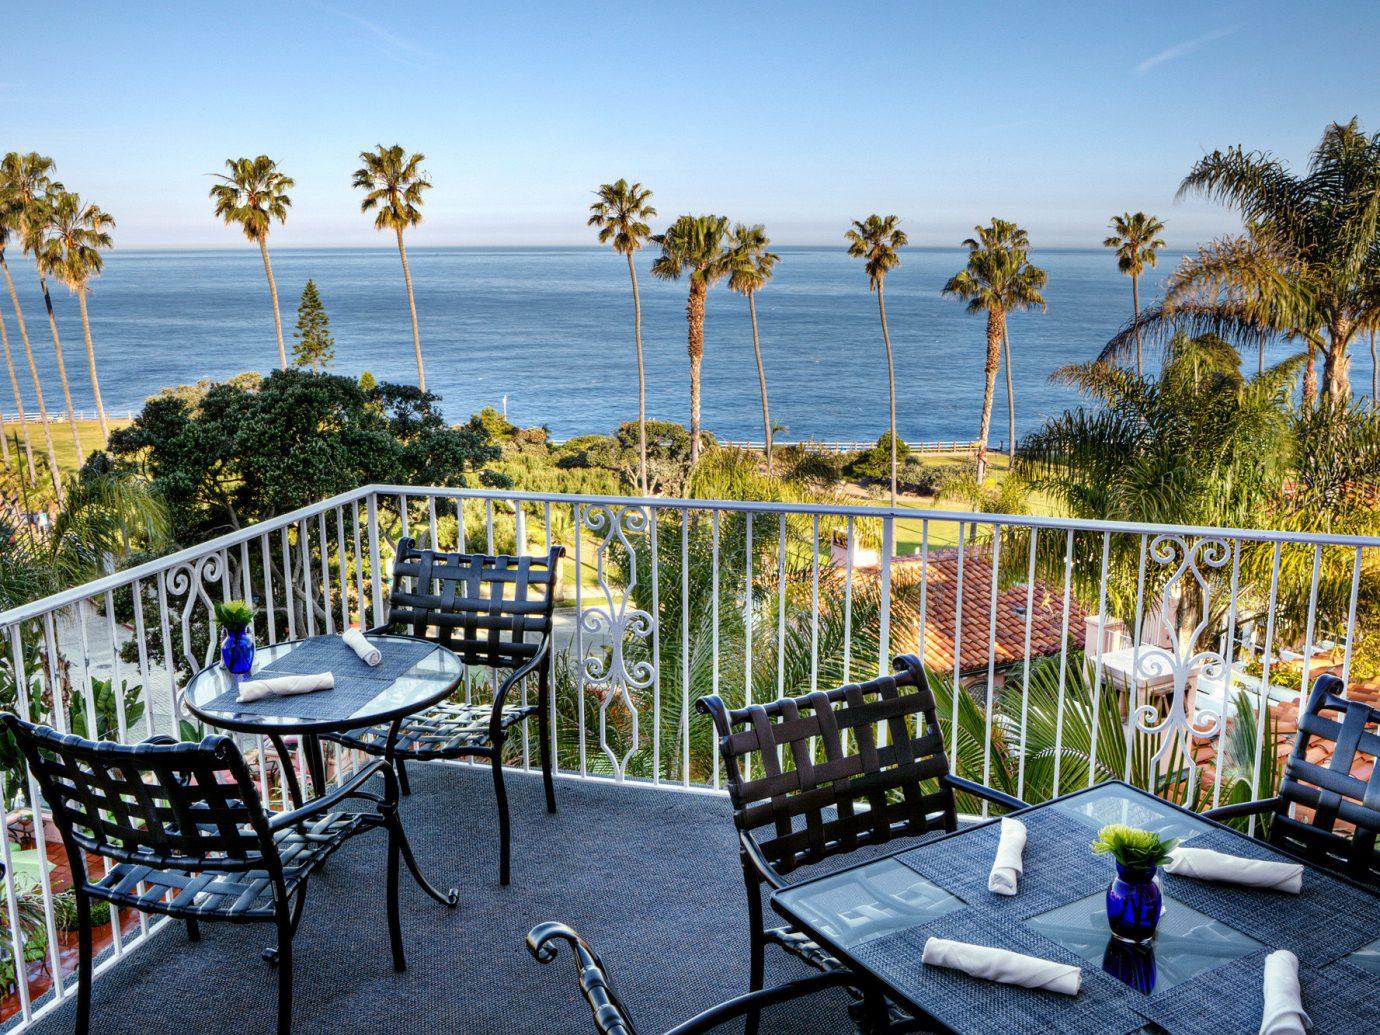 Outdoor Patio At La Valencia Hotel, San Diego